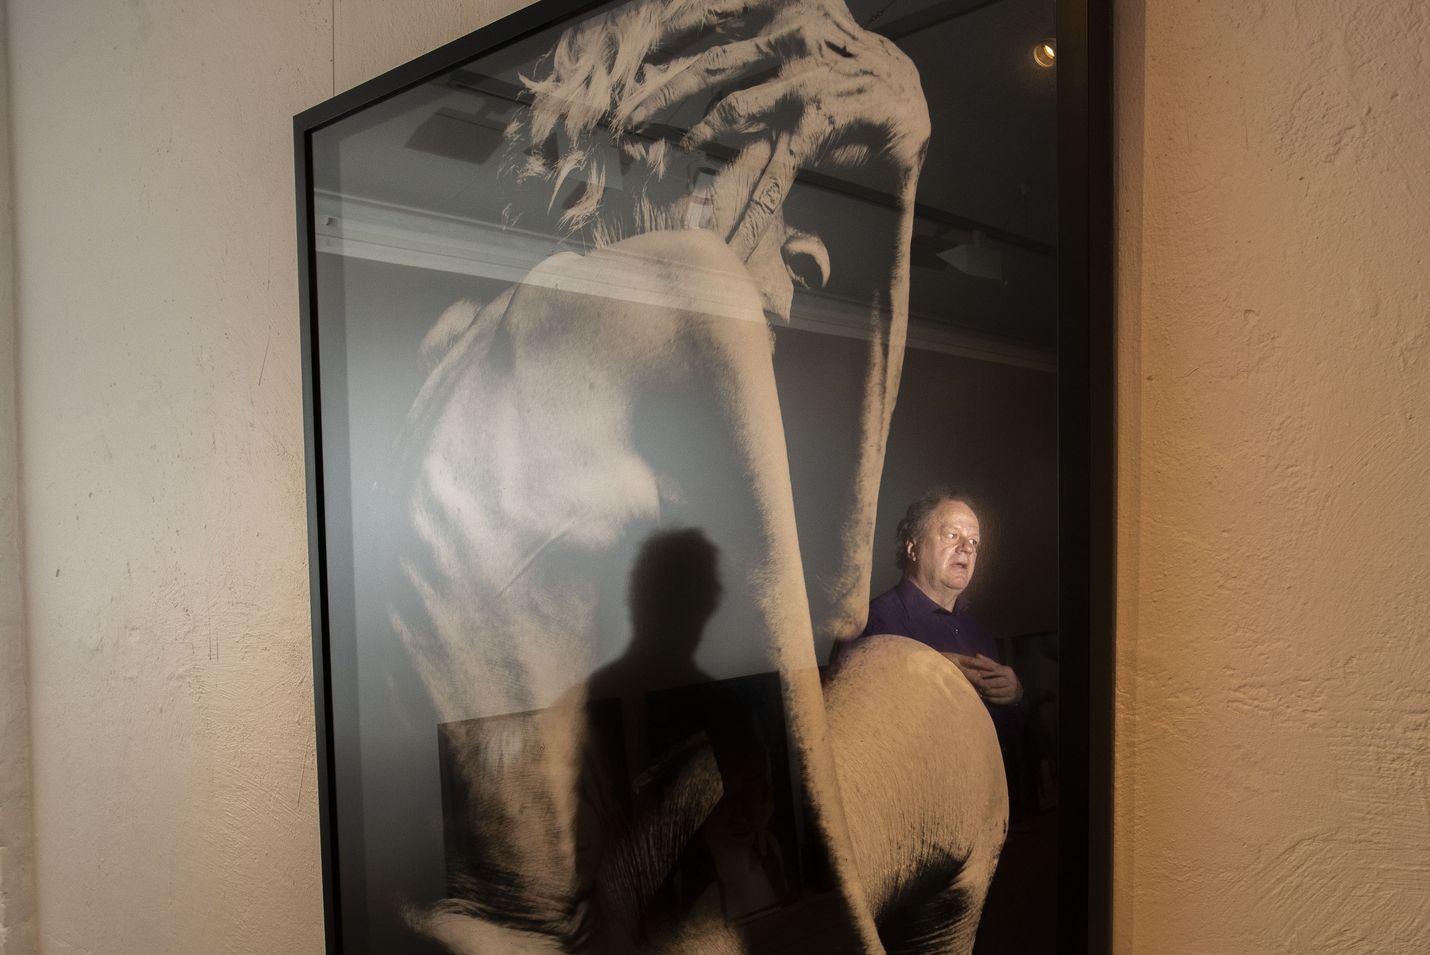 Valokuva näyttelijä Julie Lambartista on yksi Stefan Bremerin suosikeista. Se on osa kuvassa heijastuksena näkyvän Bremerin vuosina 1993–2000 kuvaamaa Man and Woman -kuvasarjaa.